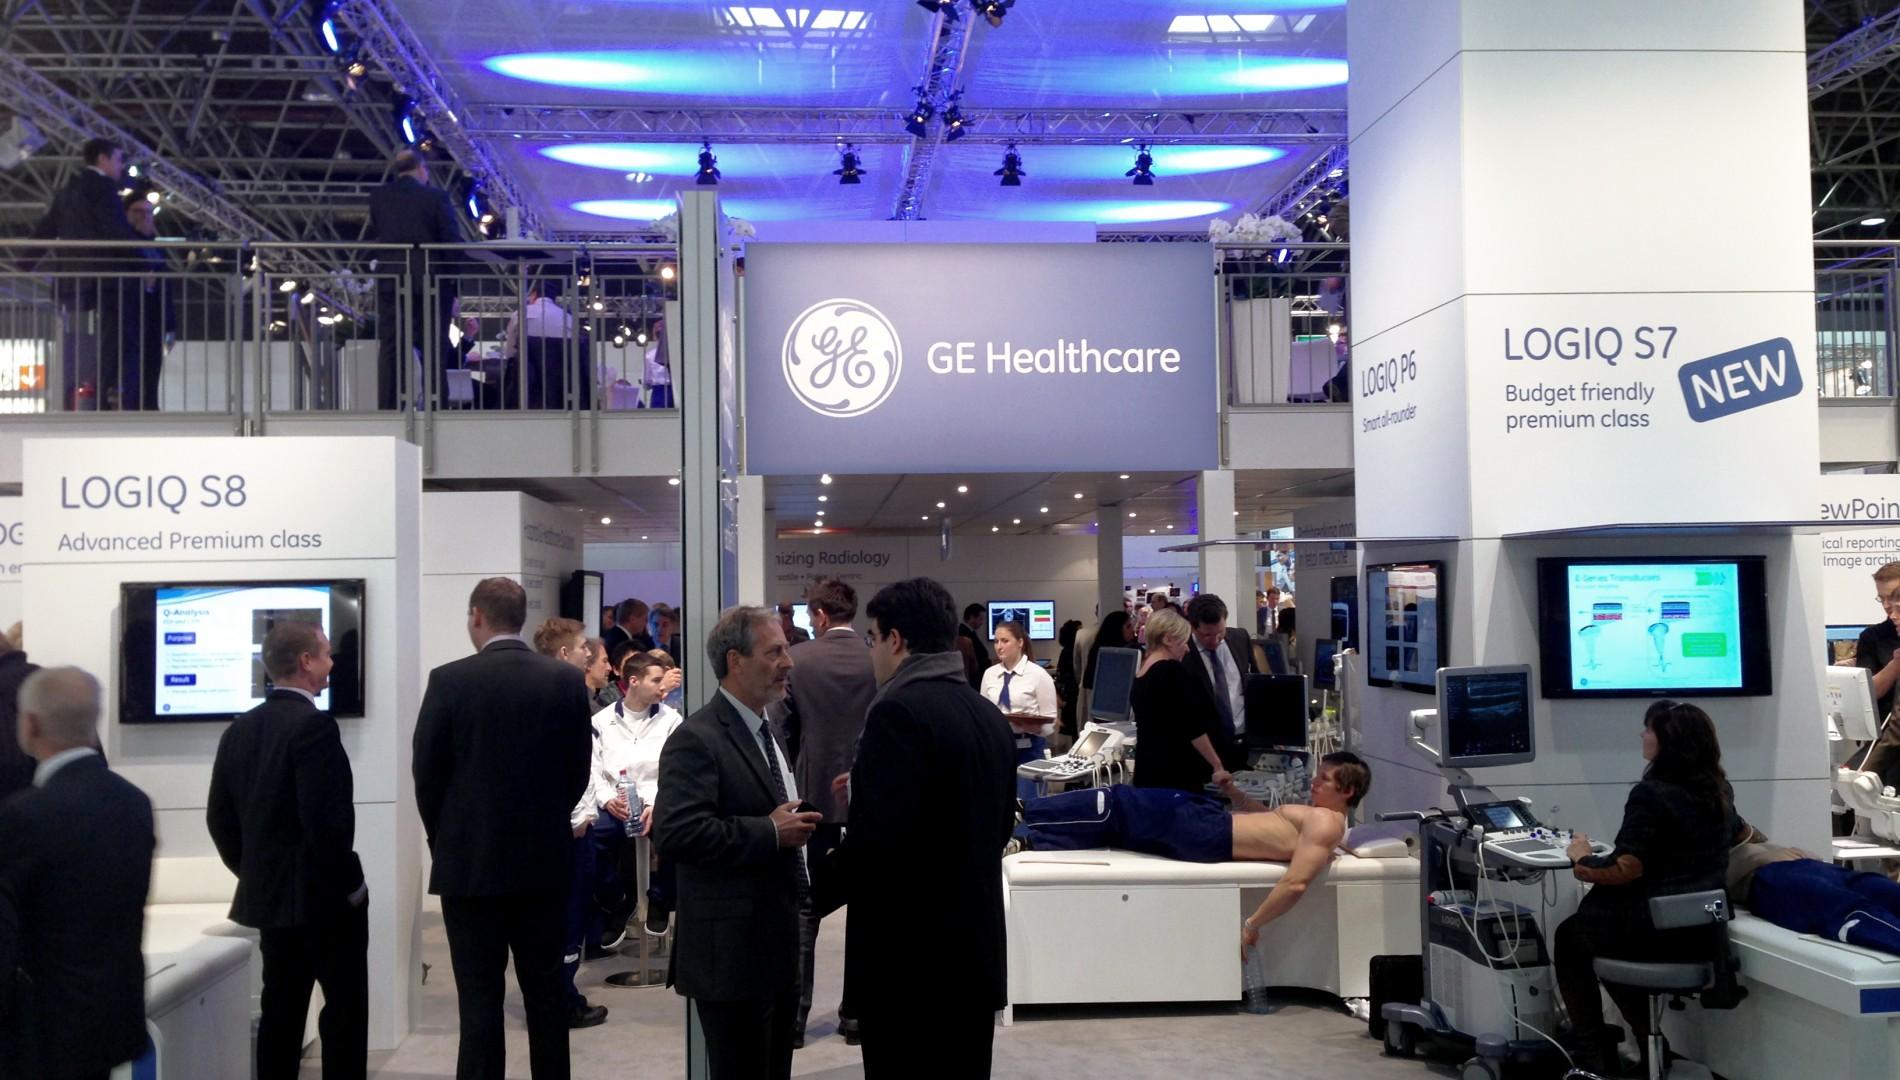 Medica in Düsseldorf - Messedesign der Designagentur das formt in München